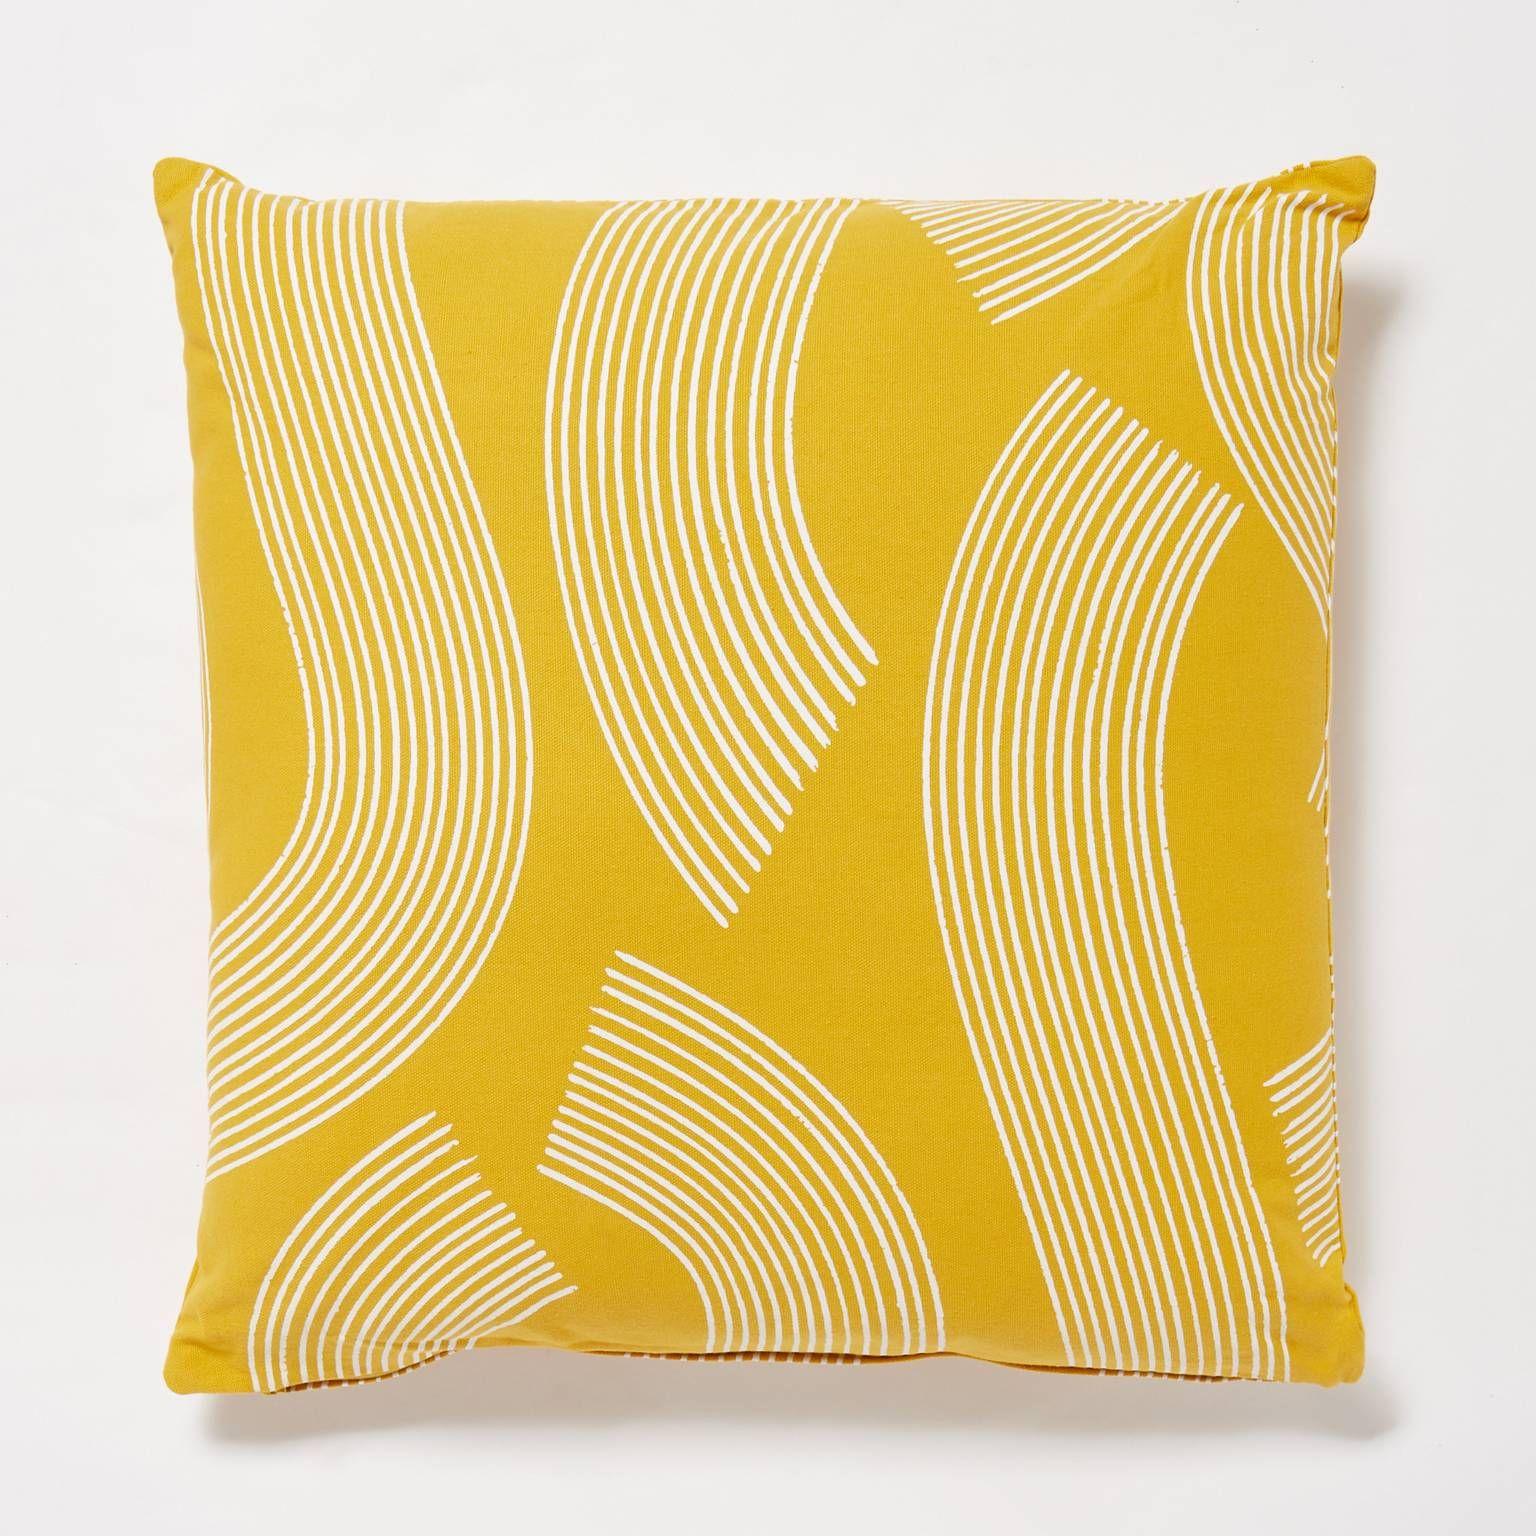 Cushions, Swirl pattern, Throw pillows